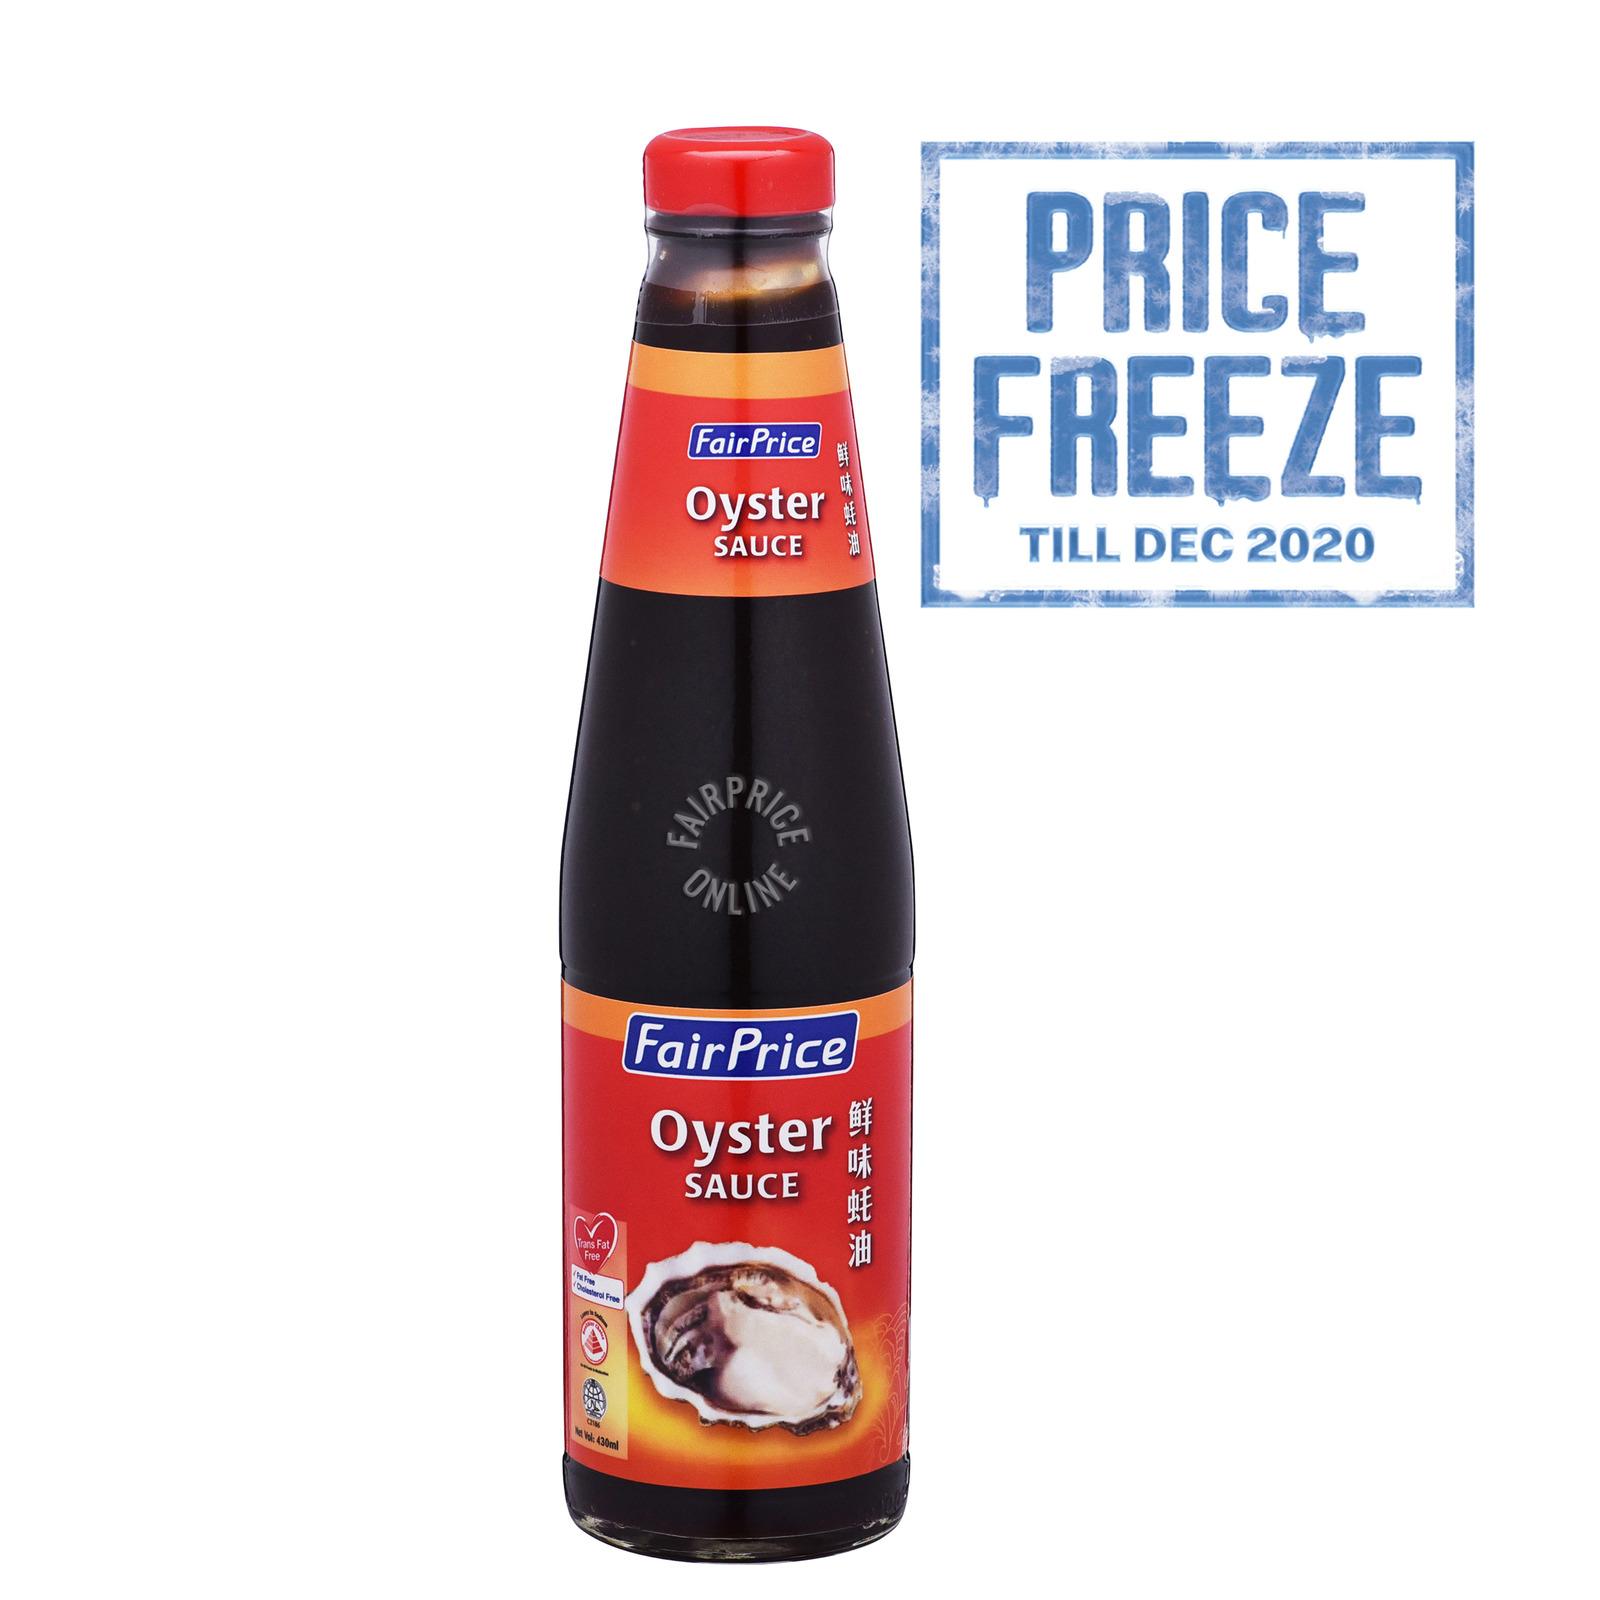 #FairPrice Sauce - Oyster